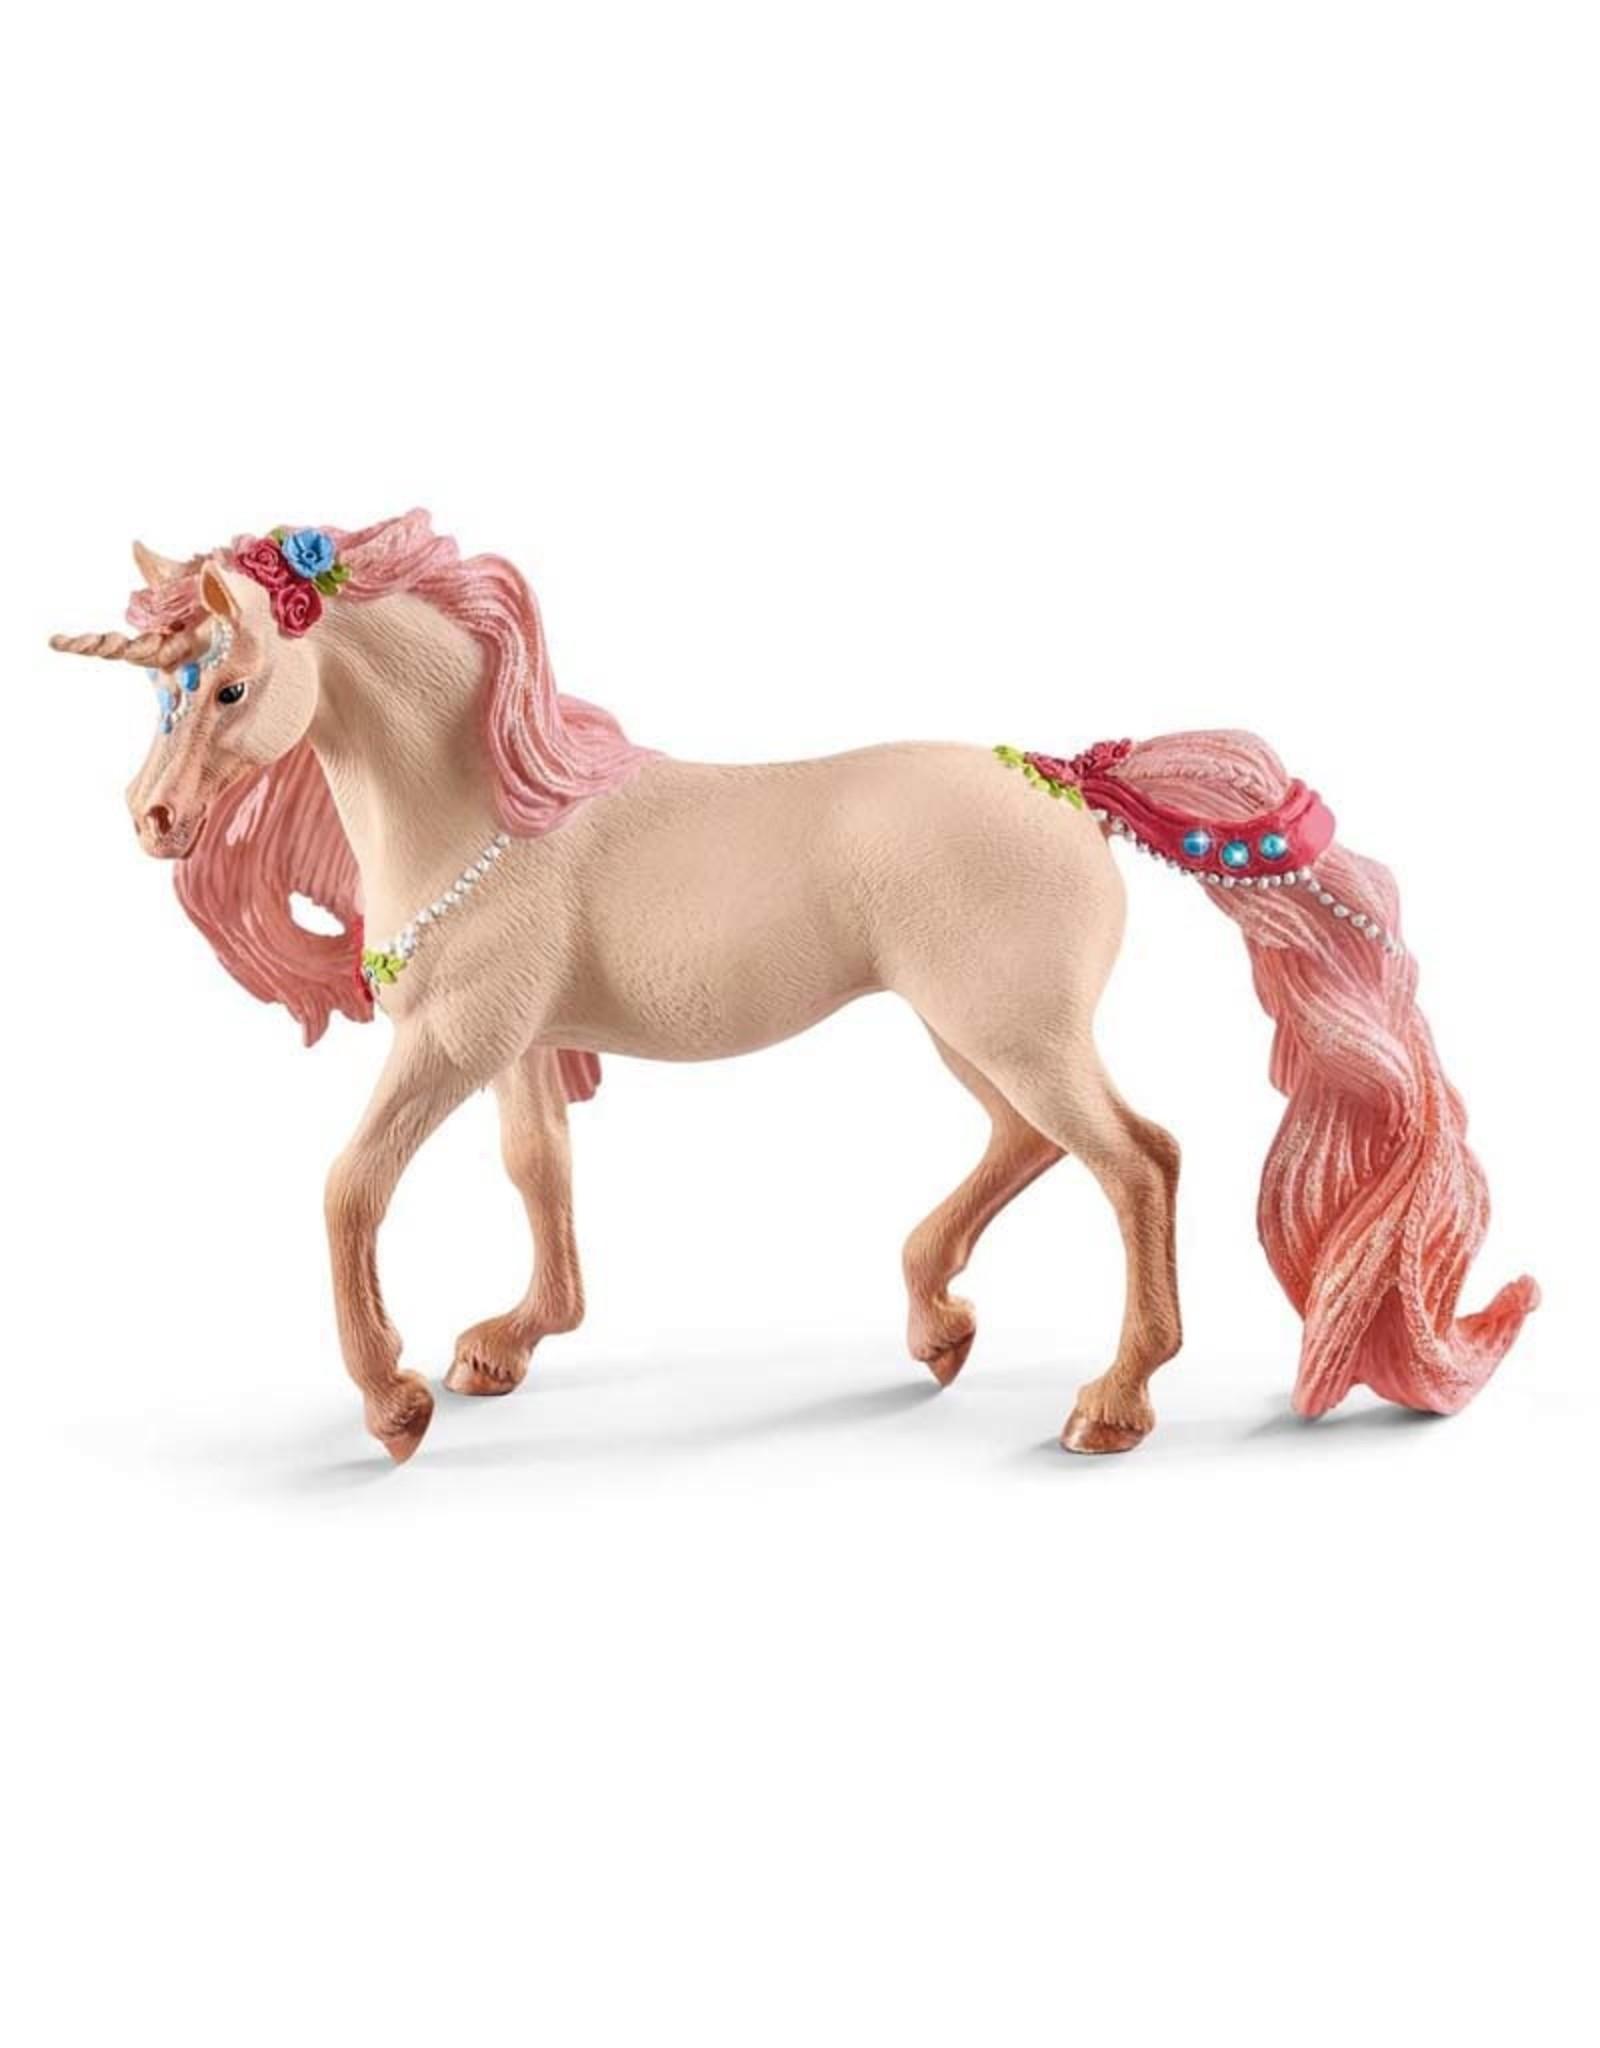 Schleich Schleich Decorated Unicorn Mare